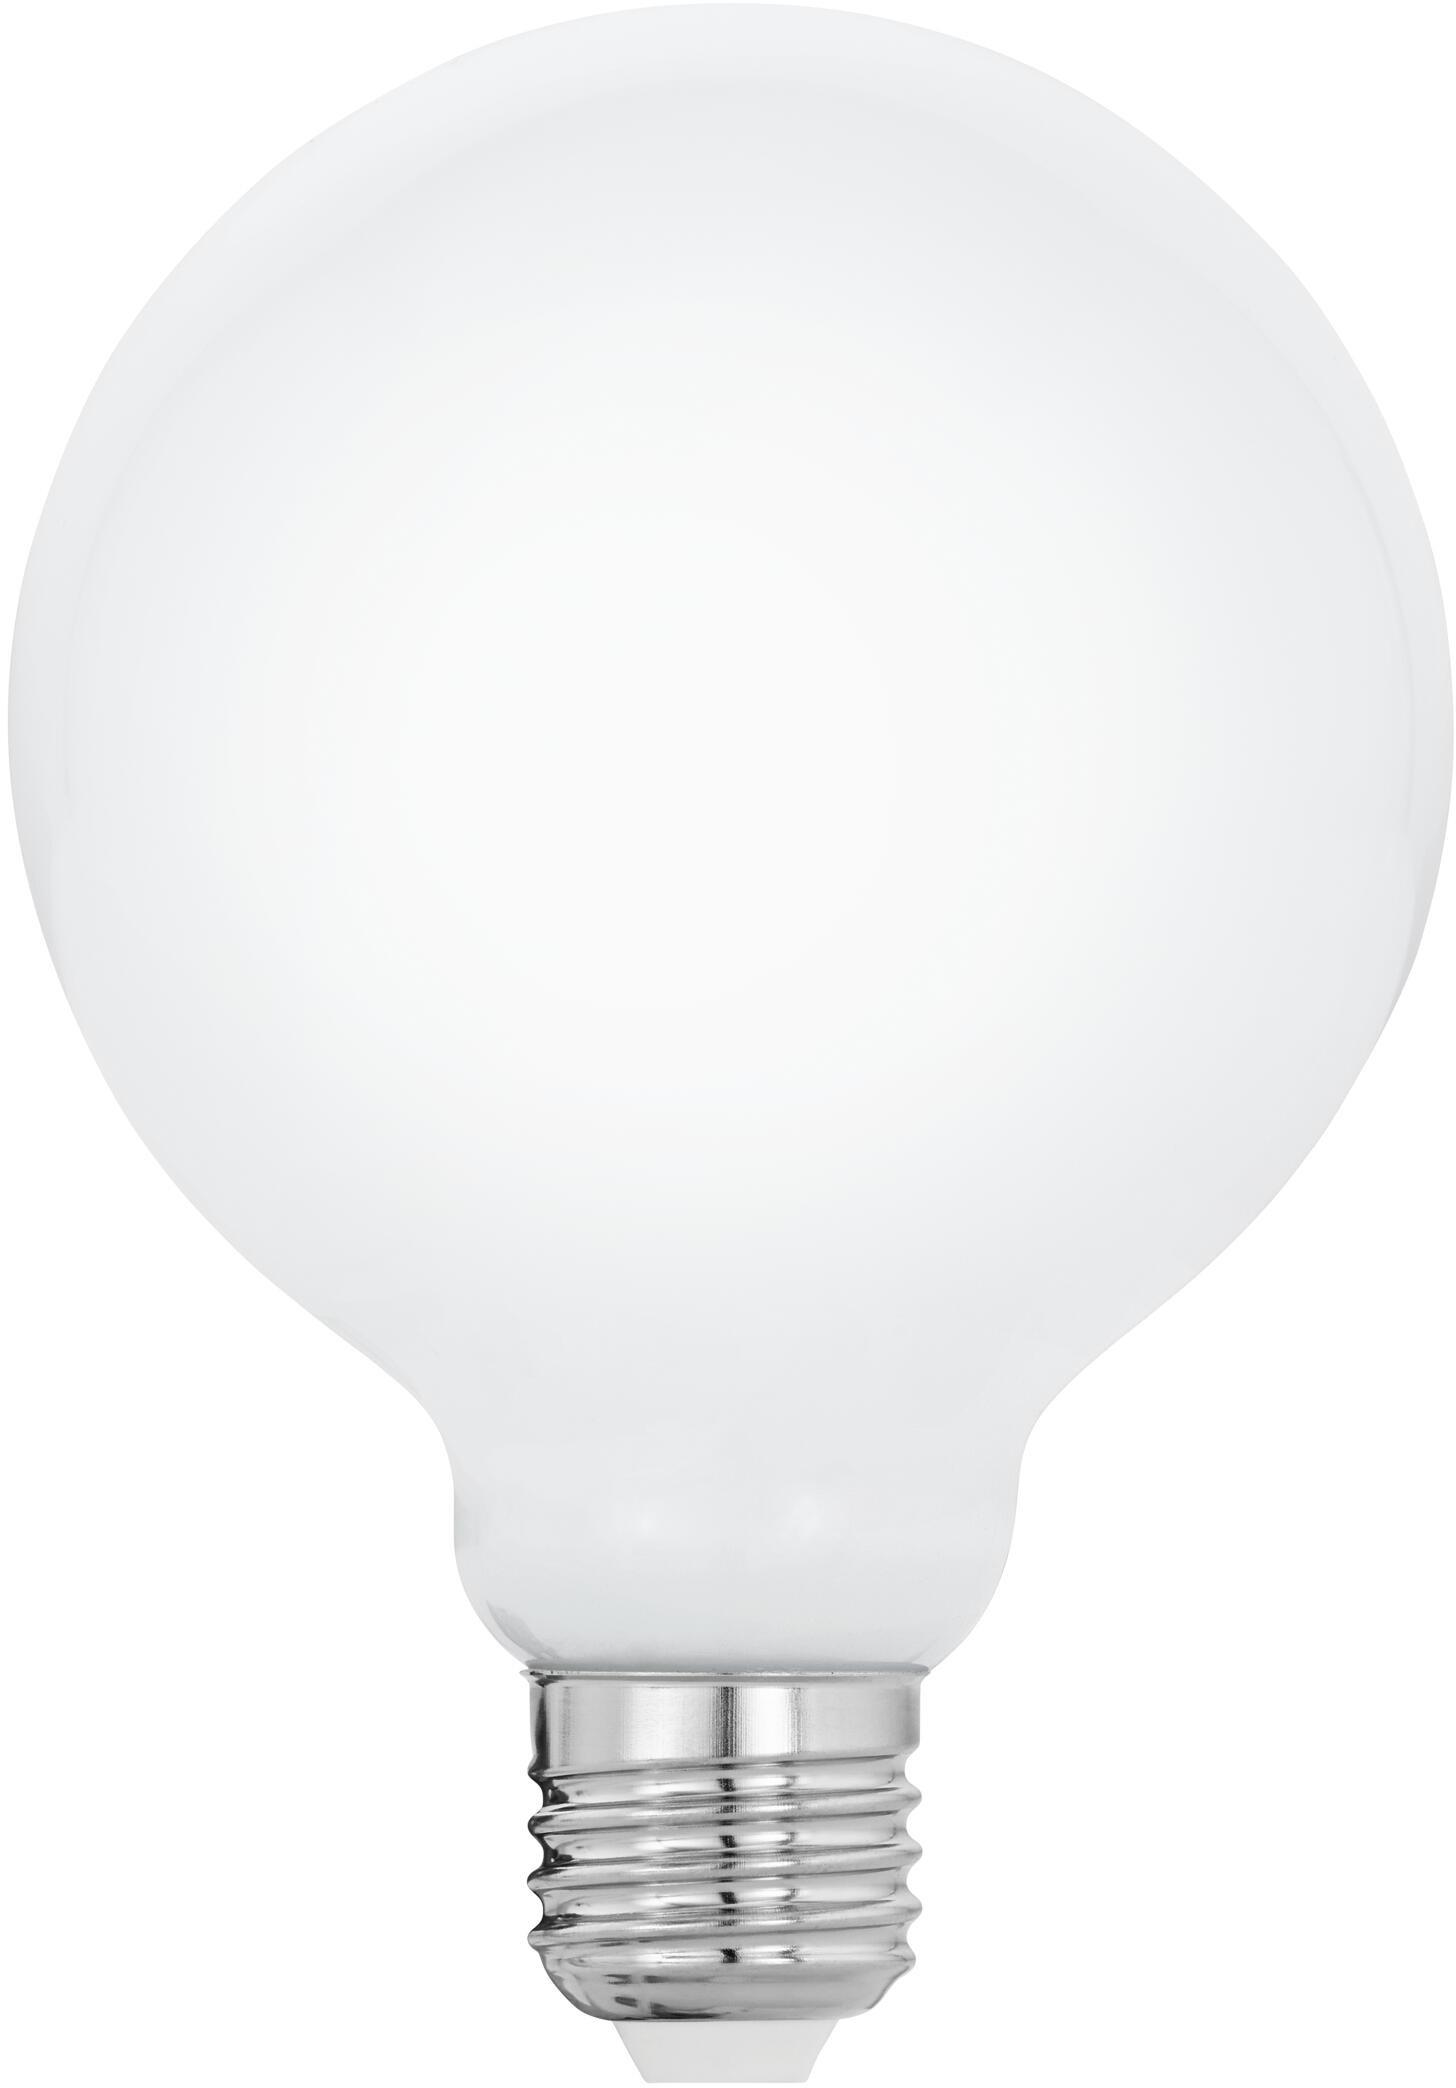 Eglo Żarówka LED 8W E27 806LM 2700K 11601 EGL11601